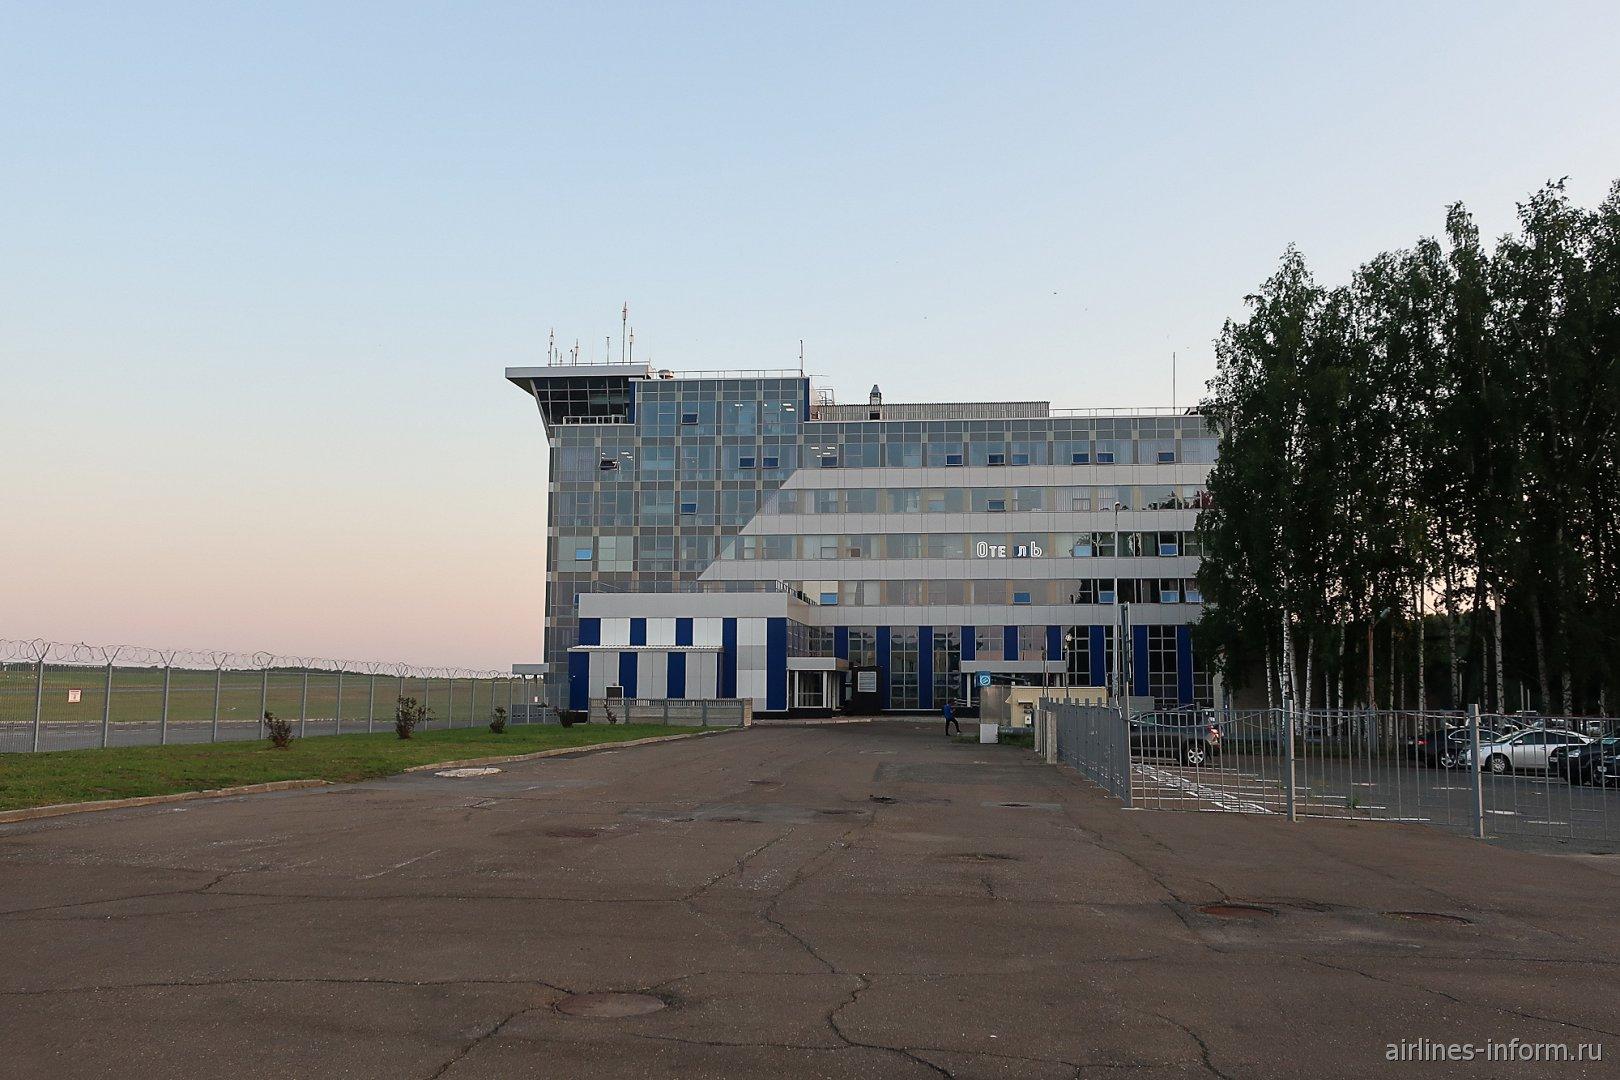 Диспетчерская башня и отель Skyline на привокзальной площади аэропорта Томск